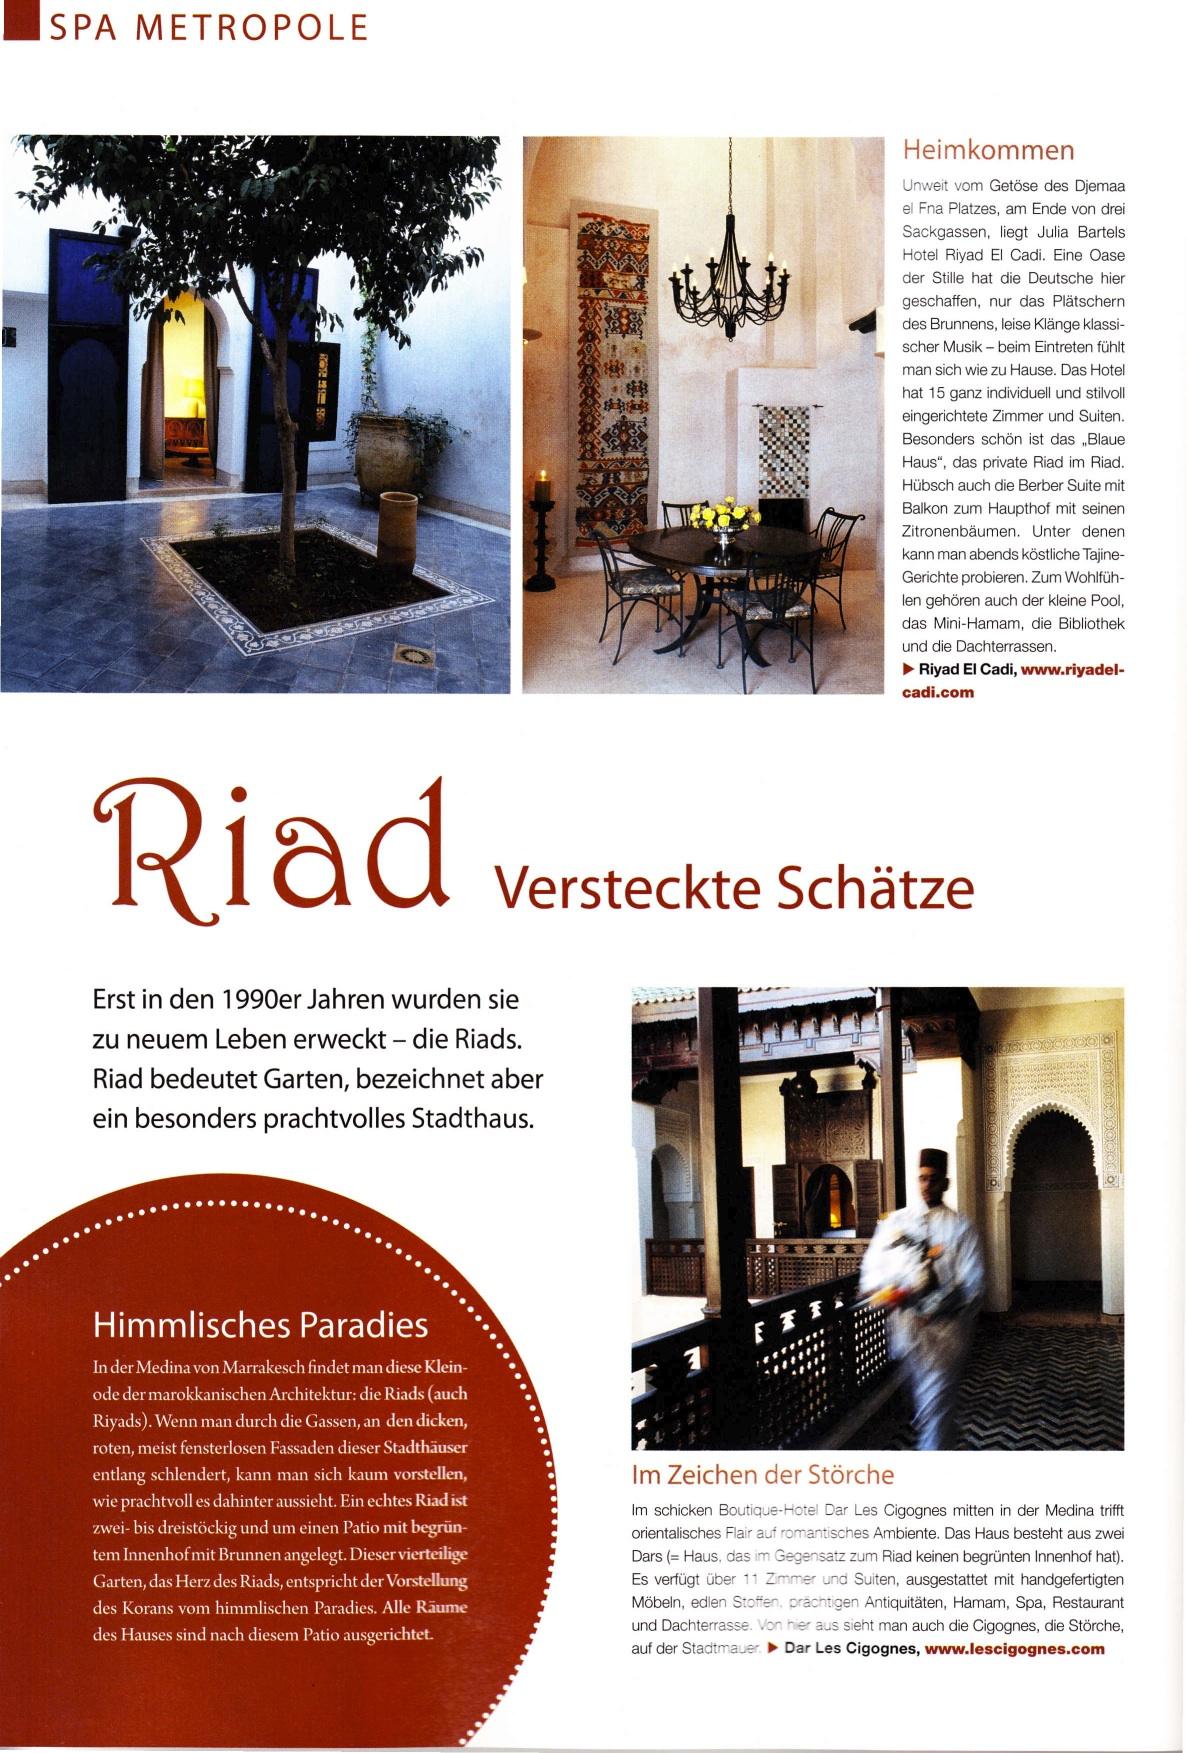 Riyad el cadi in der presse spainside und wohn design for Wohndesign 2012